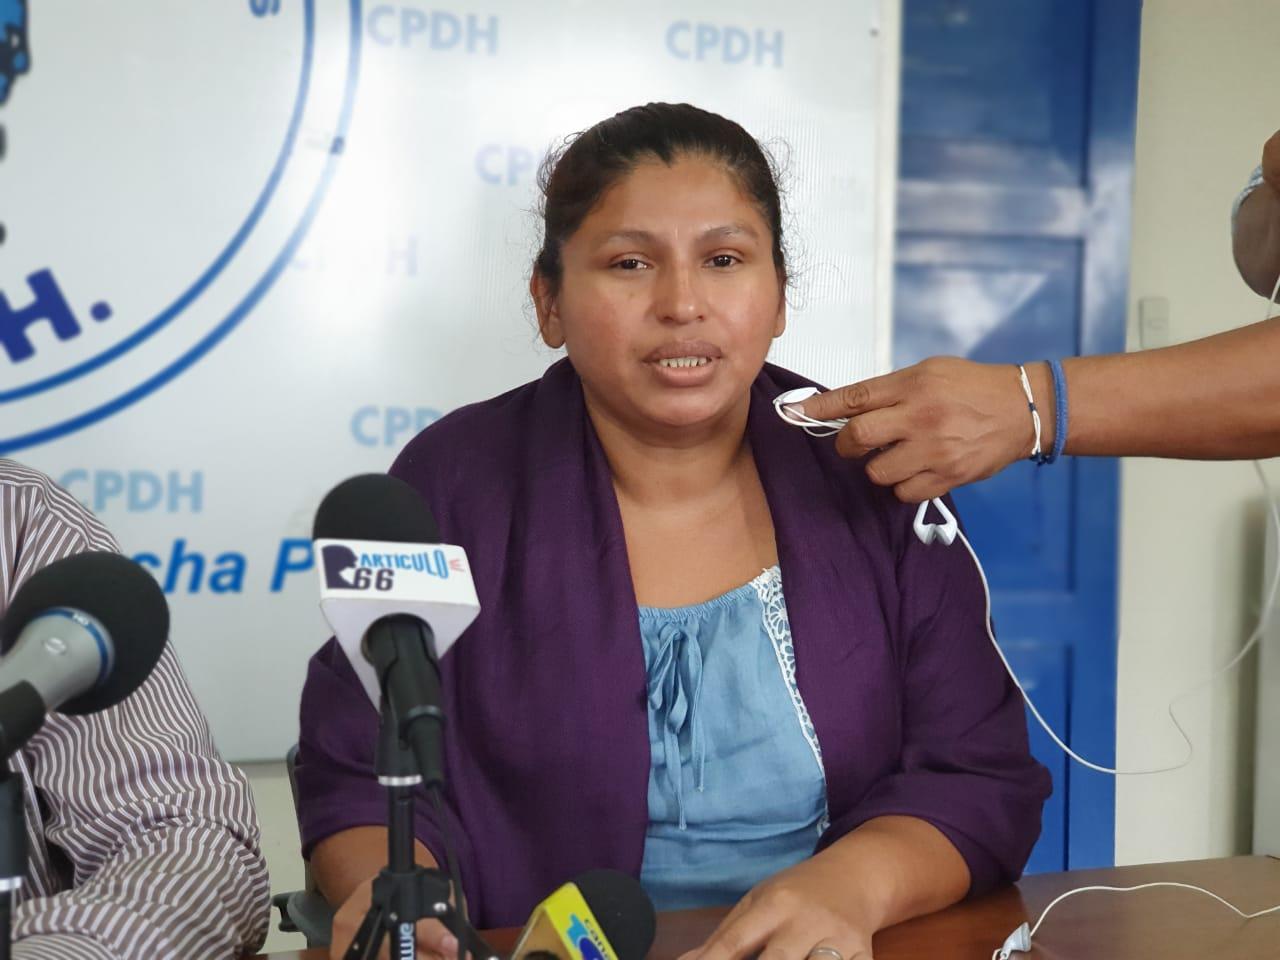 Dulce Briceño, madre de la joven acusada por la Policía orteguista. Foto: Álvaro Navarro